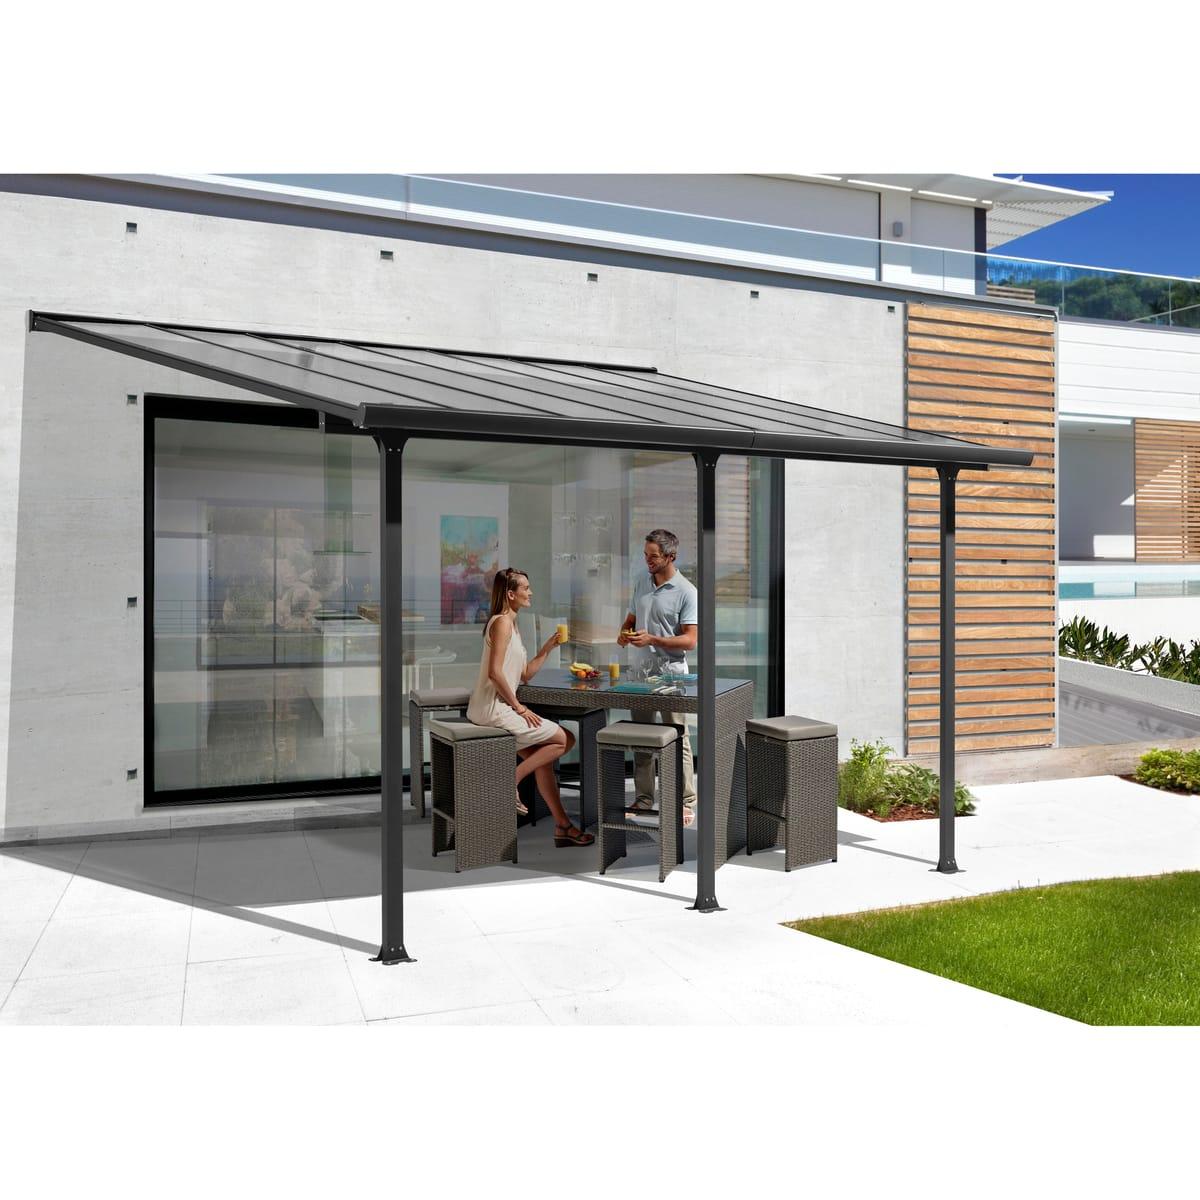 Habrita - Toit Terrasse Aluminium - 15,38 M² pour Toit Terrasse Pas Cher